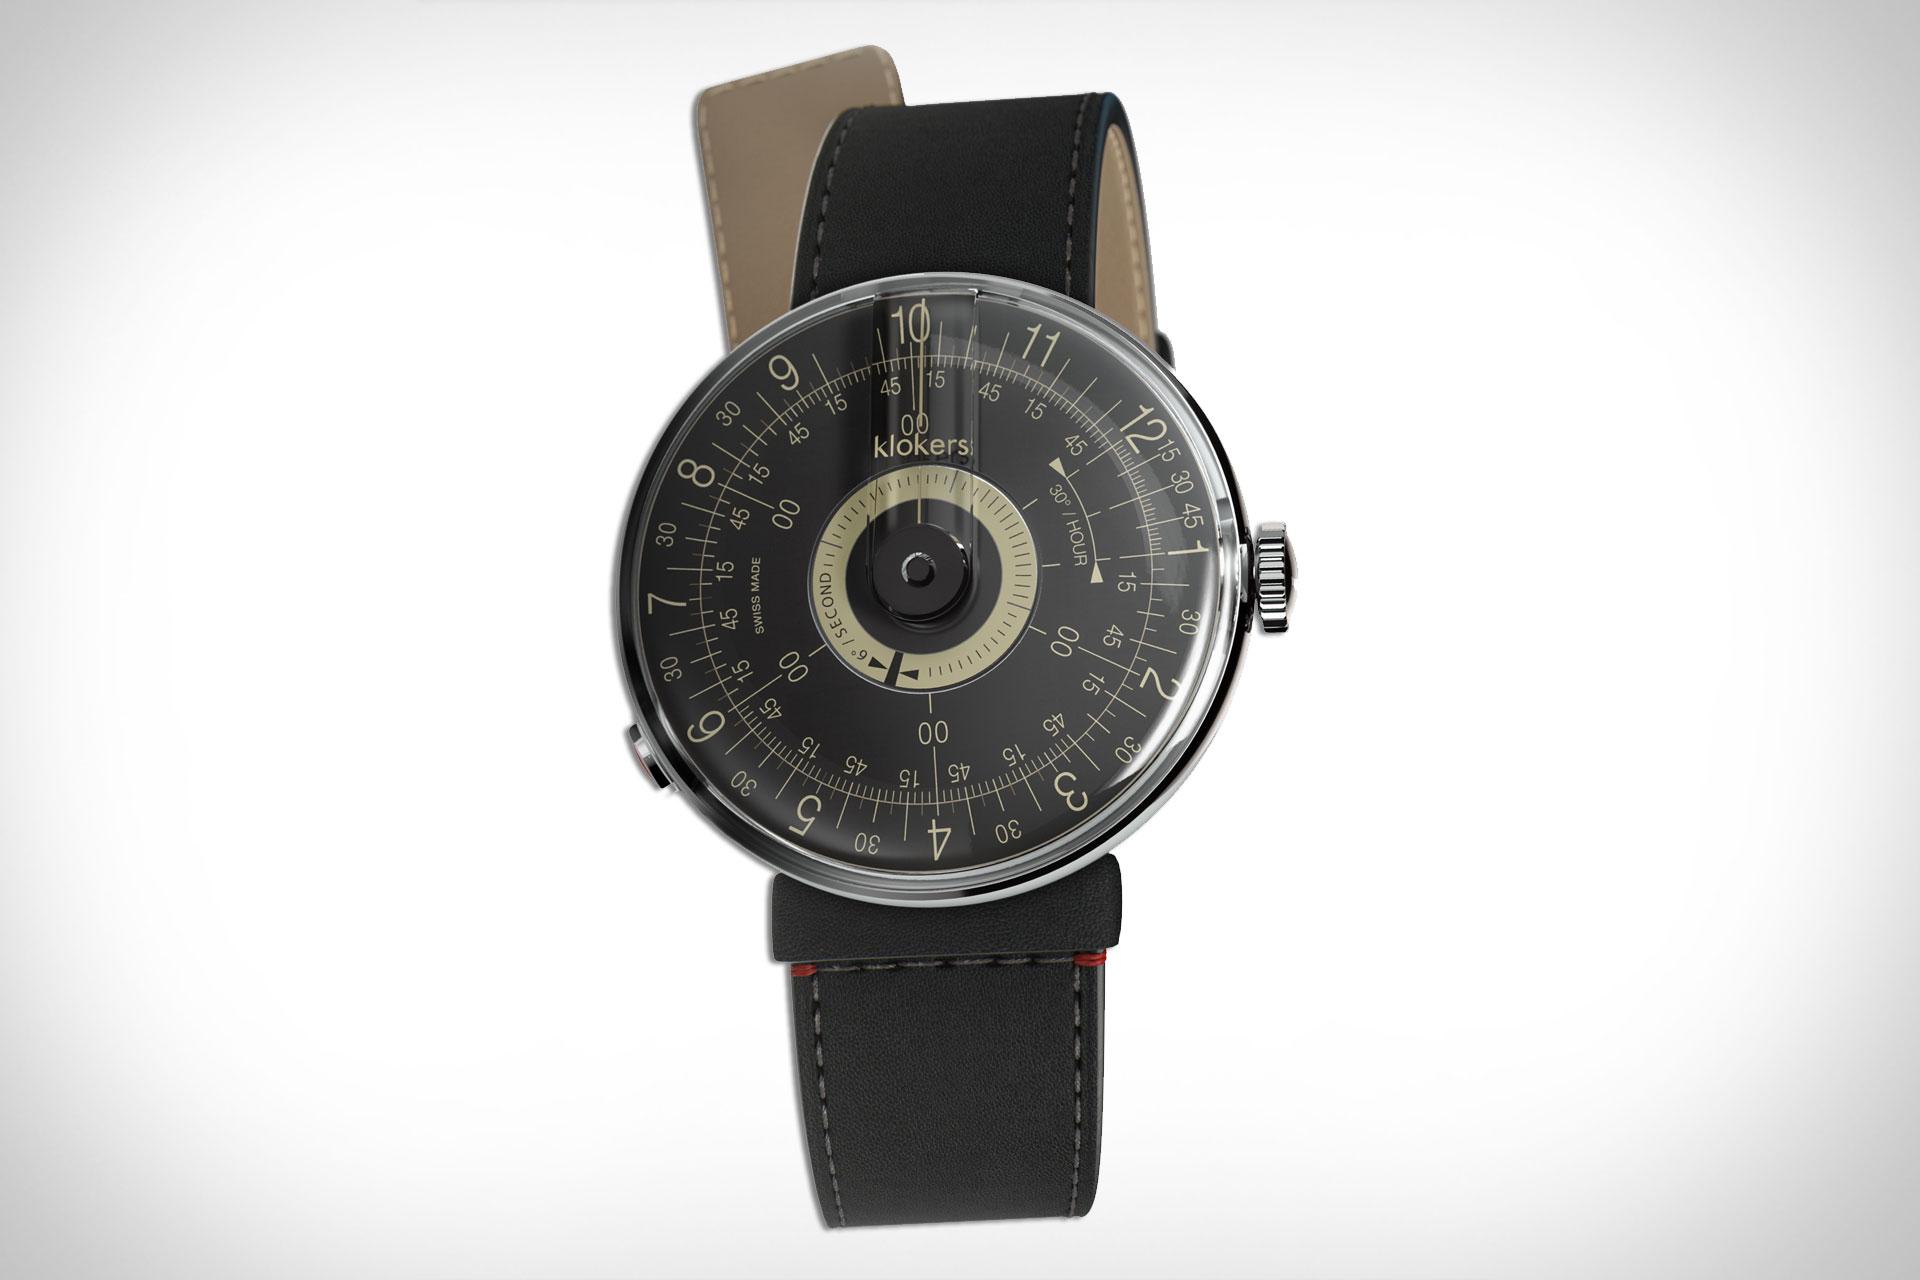 克罗克斯 克罗克-08手表